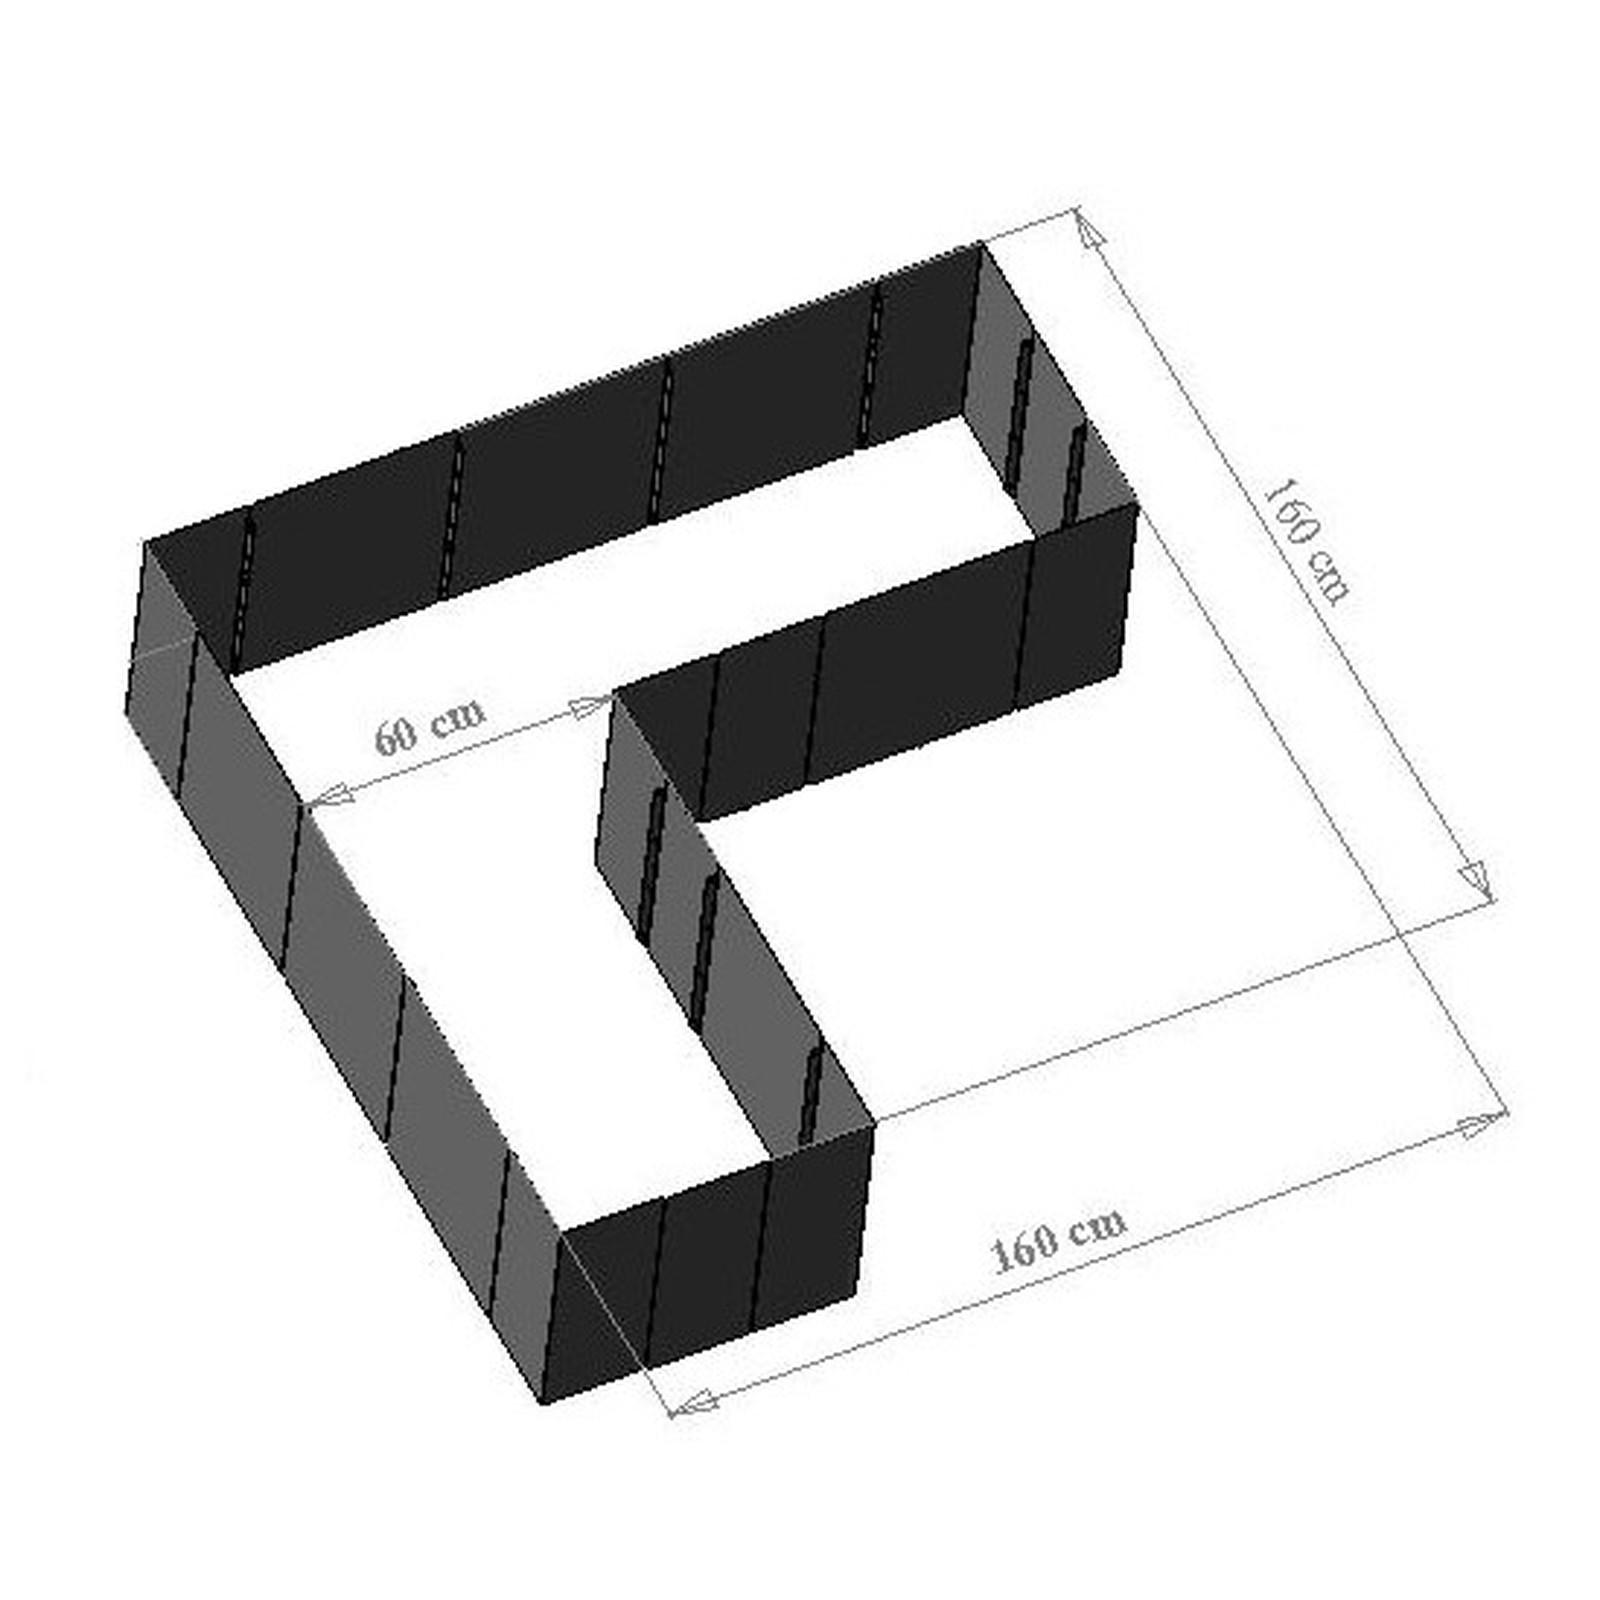 edelstahl hochbeet corner 160 33cm h he. Black Bedroom Furniture Sets. Home Design Ideas